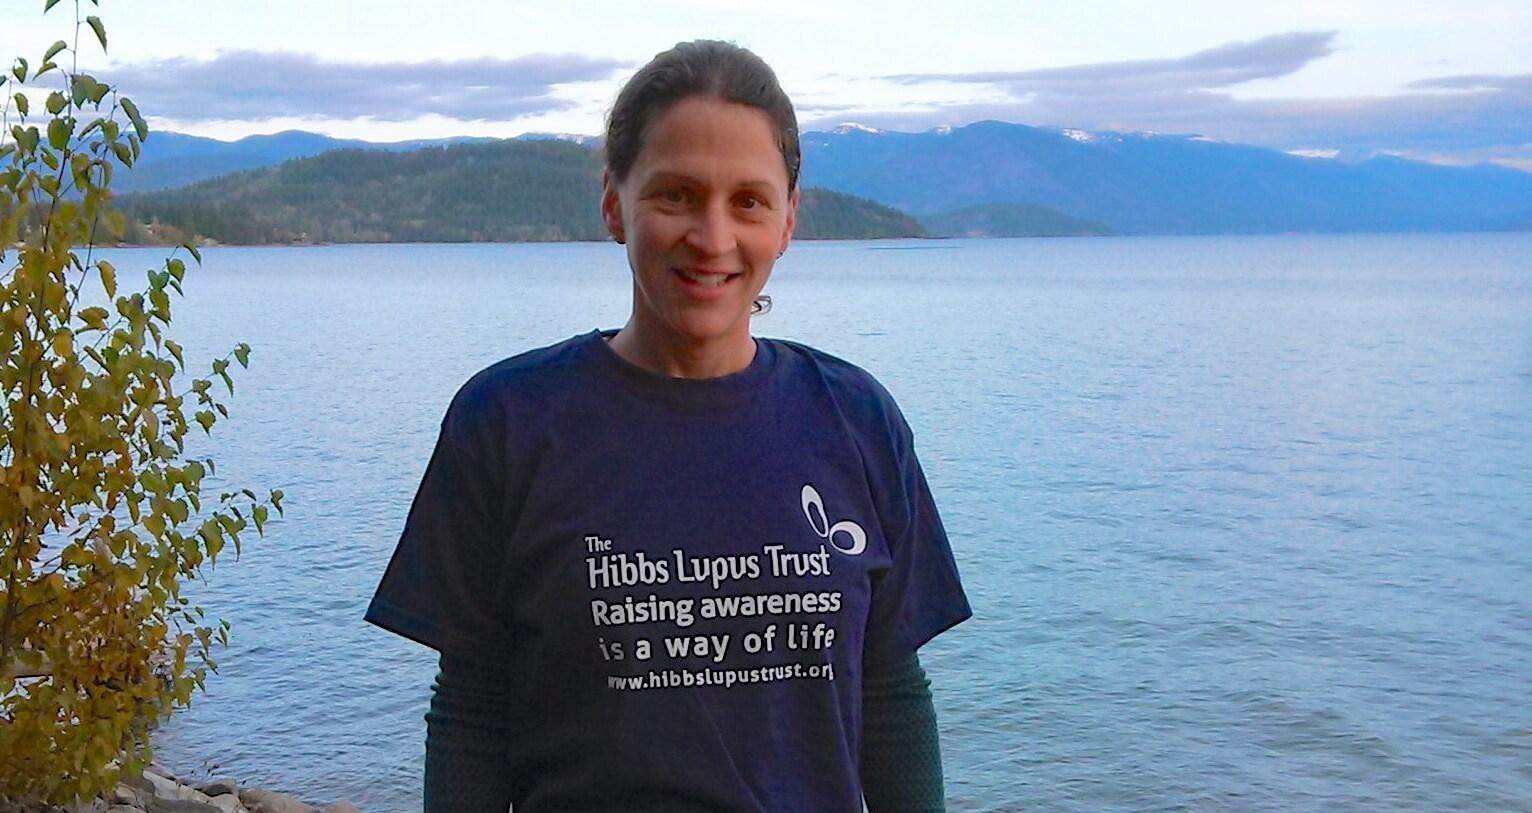 Kilimanjaro Run - The Hibbs Lupus Trust